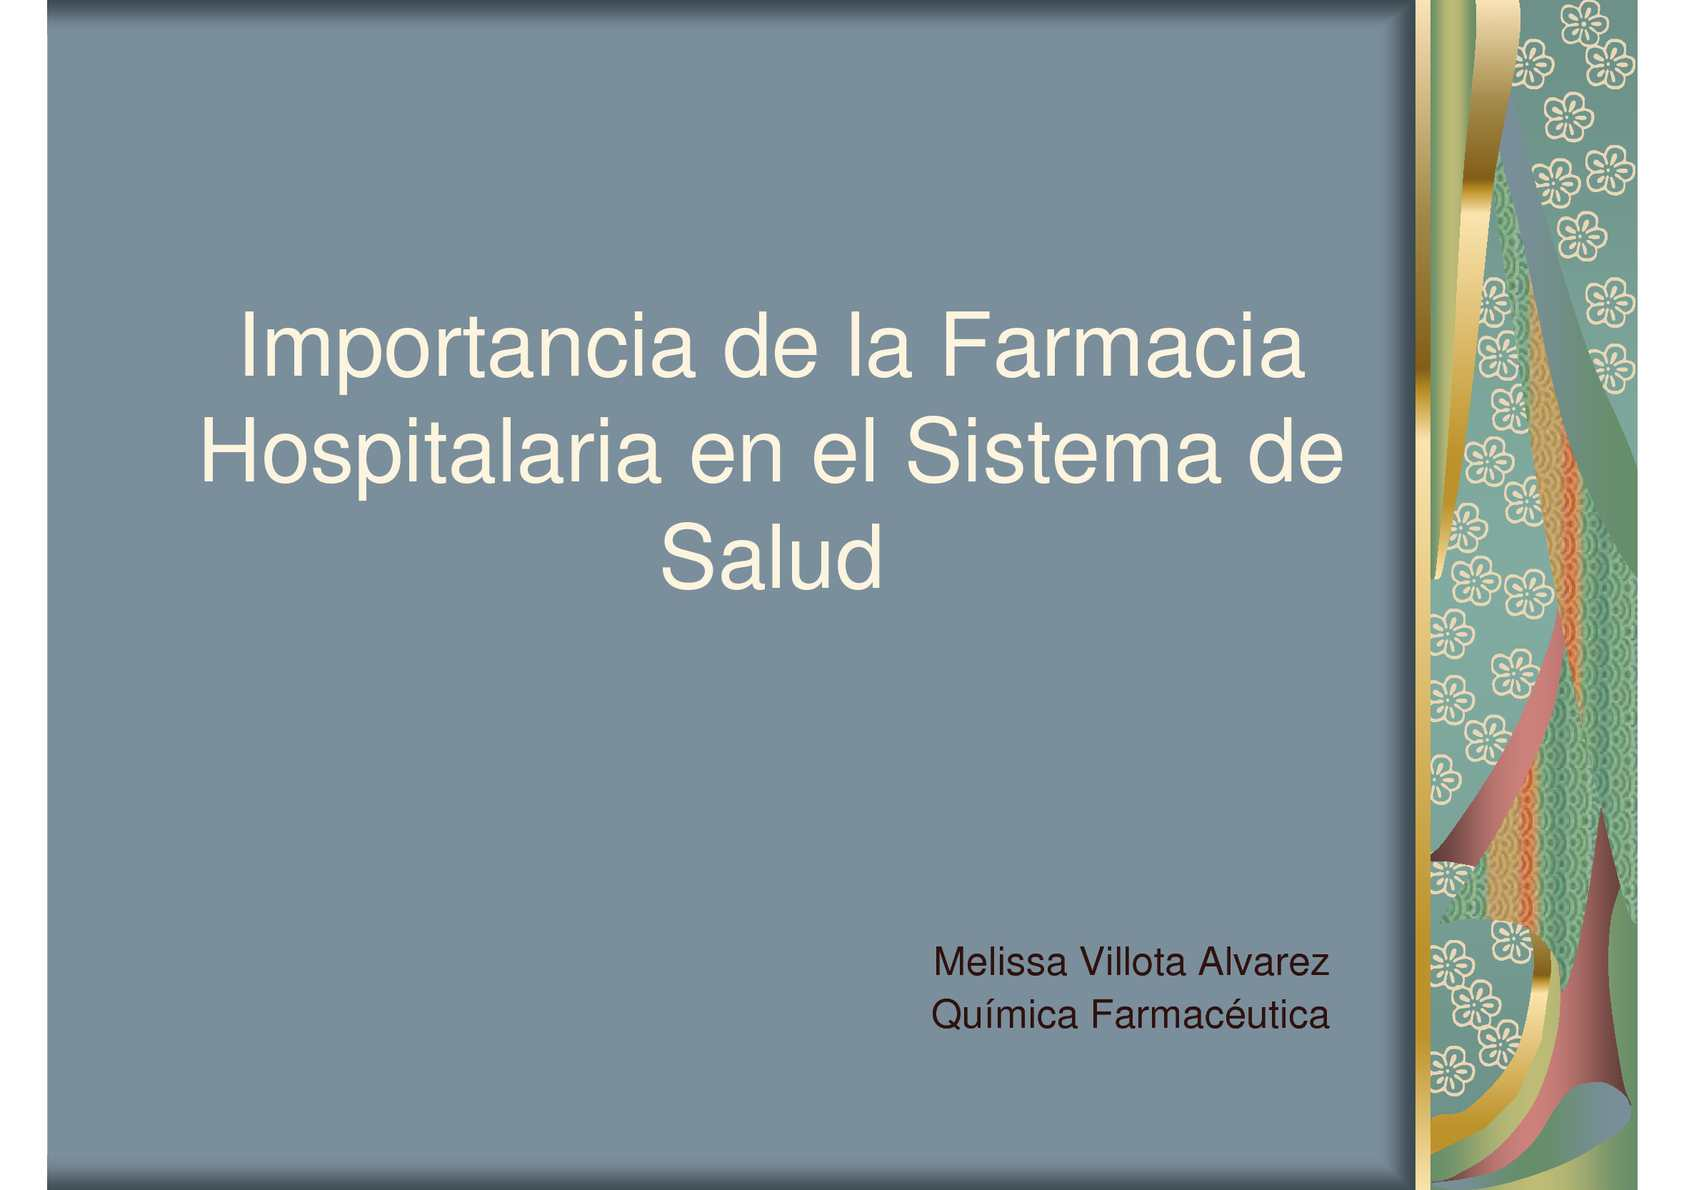 Importancia de la Farmacia para el Servicio Hospitalario